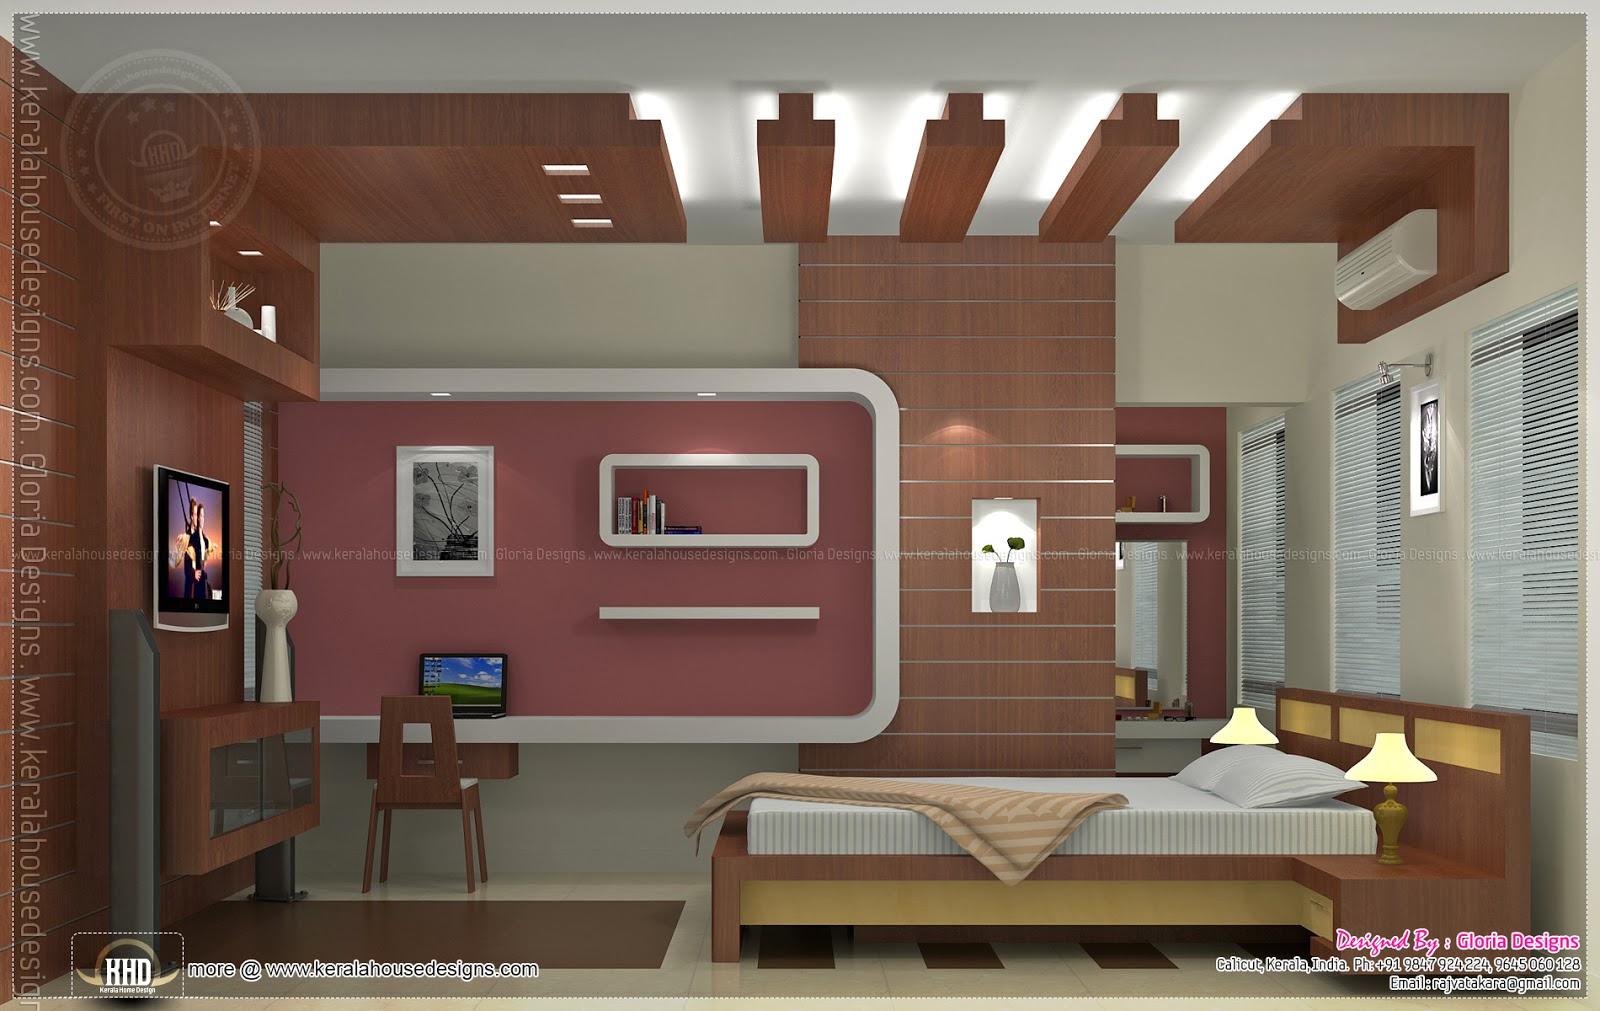 Cost for home interior design - Home Interior Design Cost In India